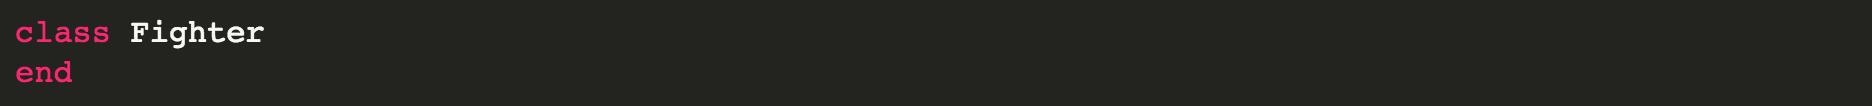 Screen Shot 2017-07-06 at 1.03.25 PM.png